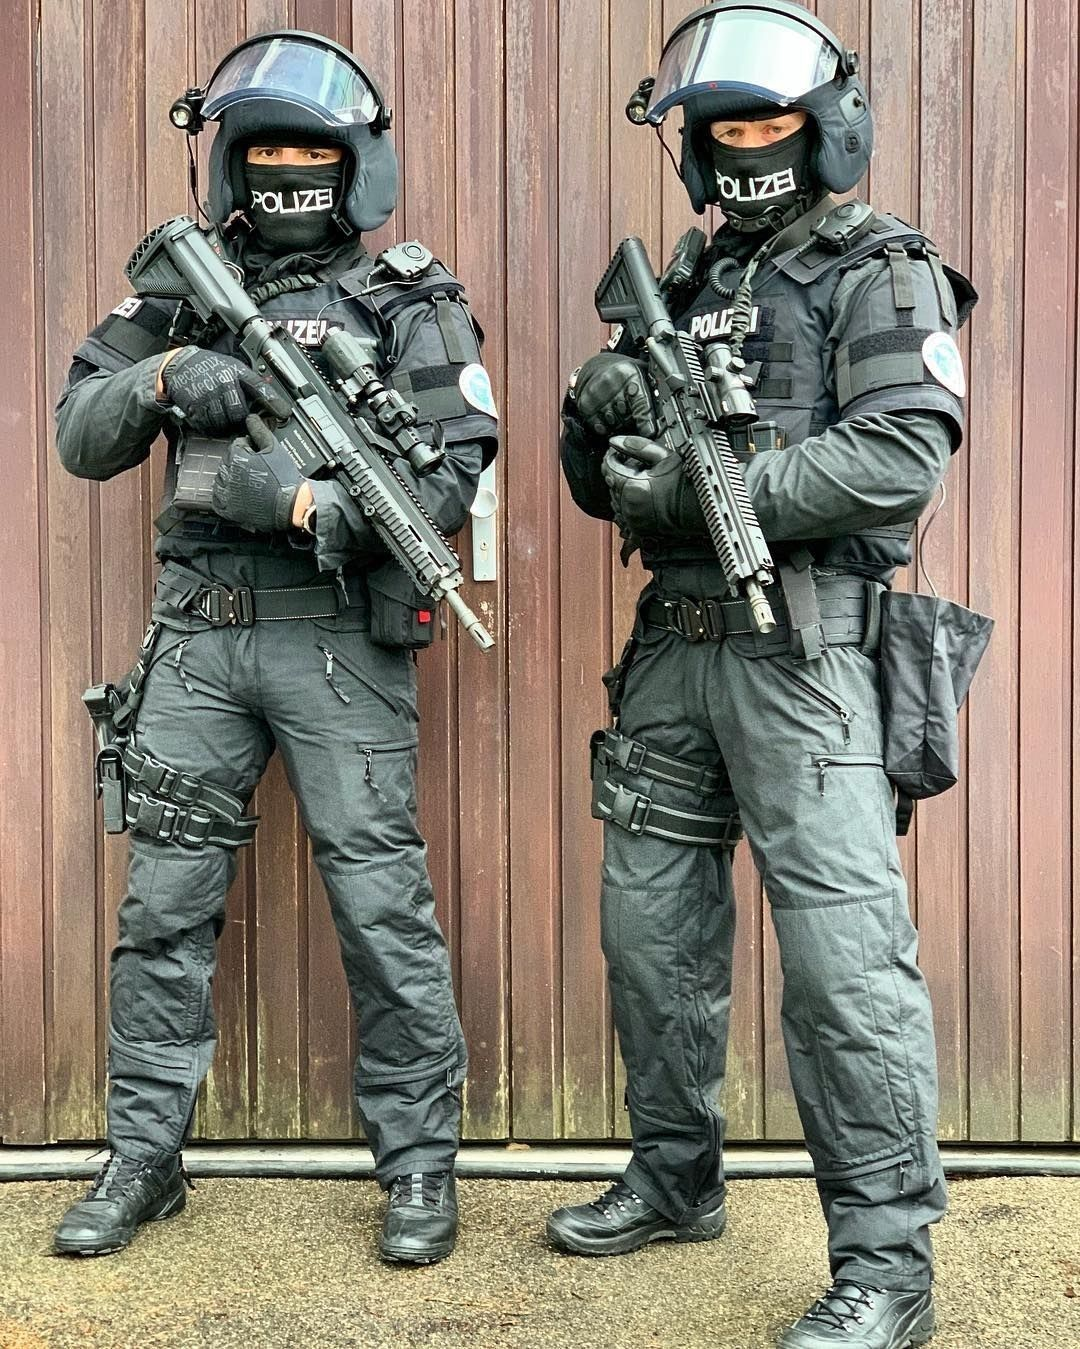 pin von pol auf a16  protection  swat teams  polizei